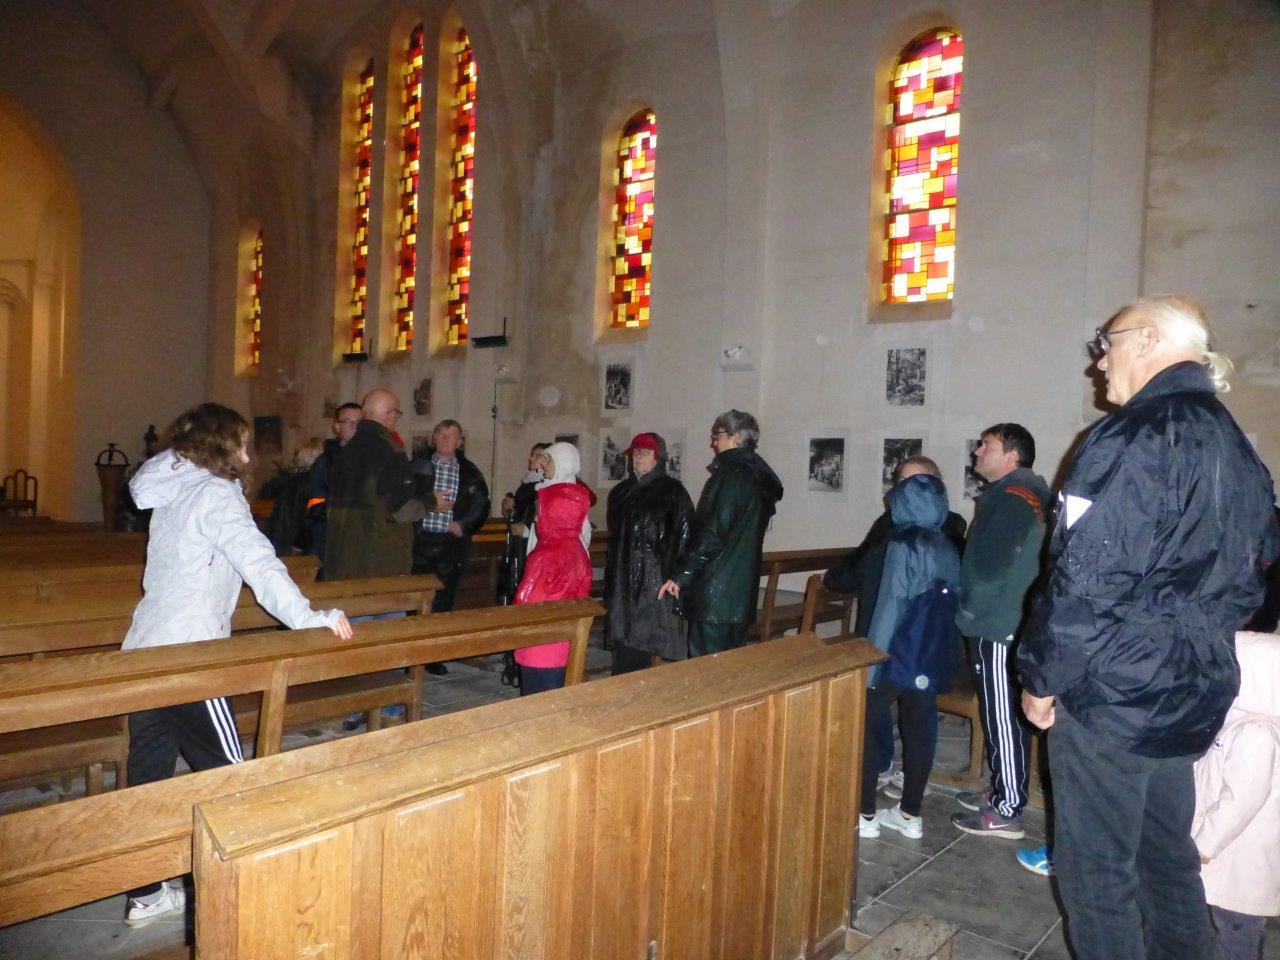 L'église de Mont-Saint-Père accueille chaque année une exposition de peinture en mémoire de Léon Lhermitte, célèbre peintre du XIXème siècle et chantre de la vie rurale.